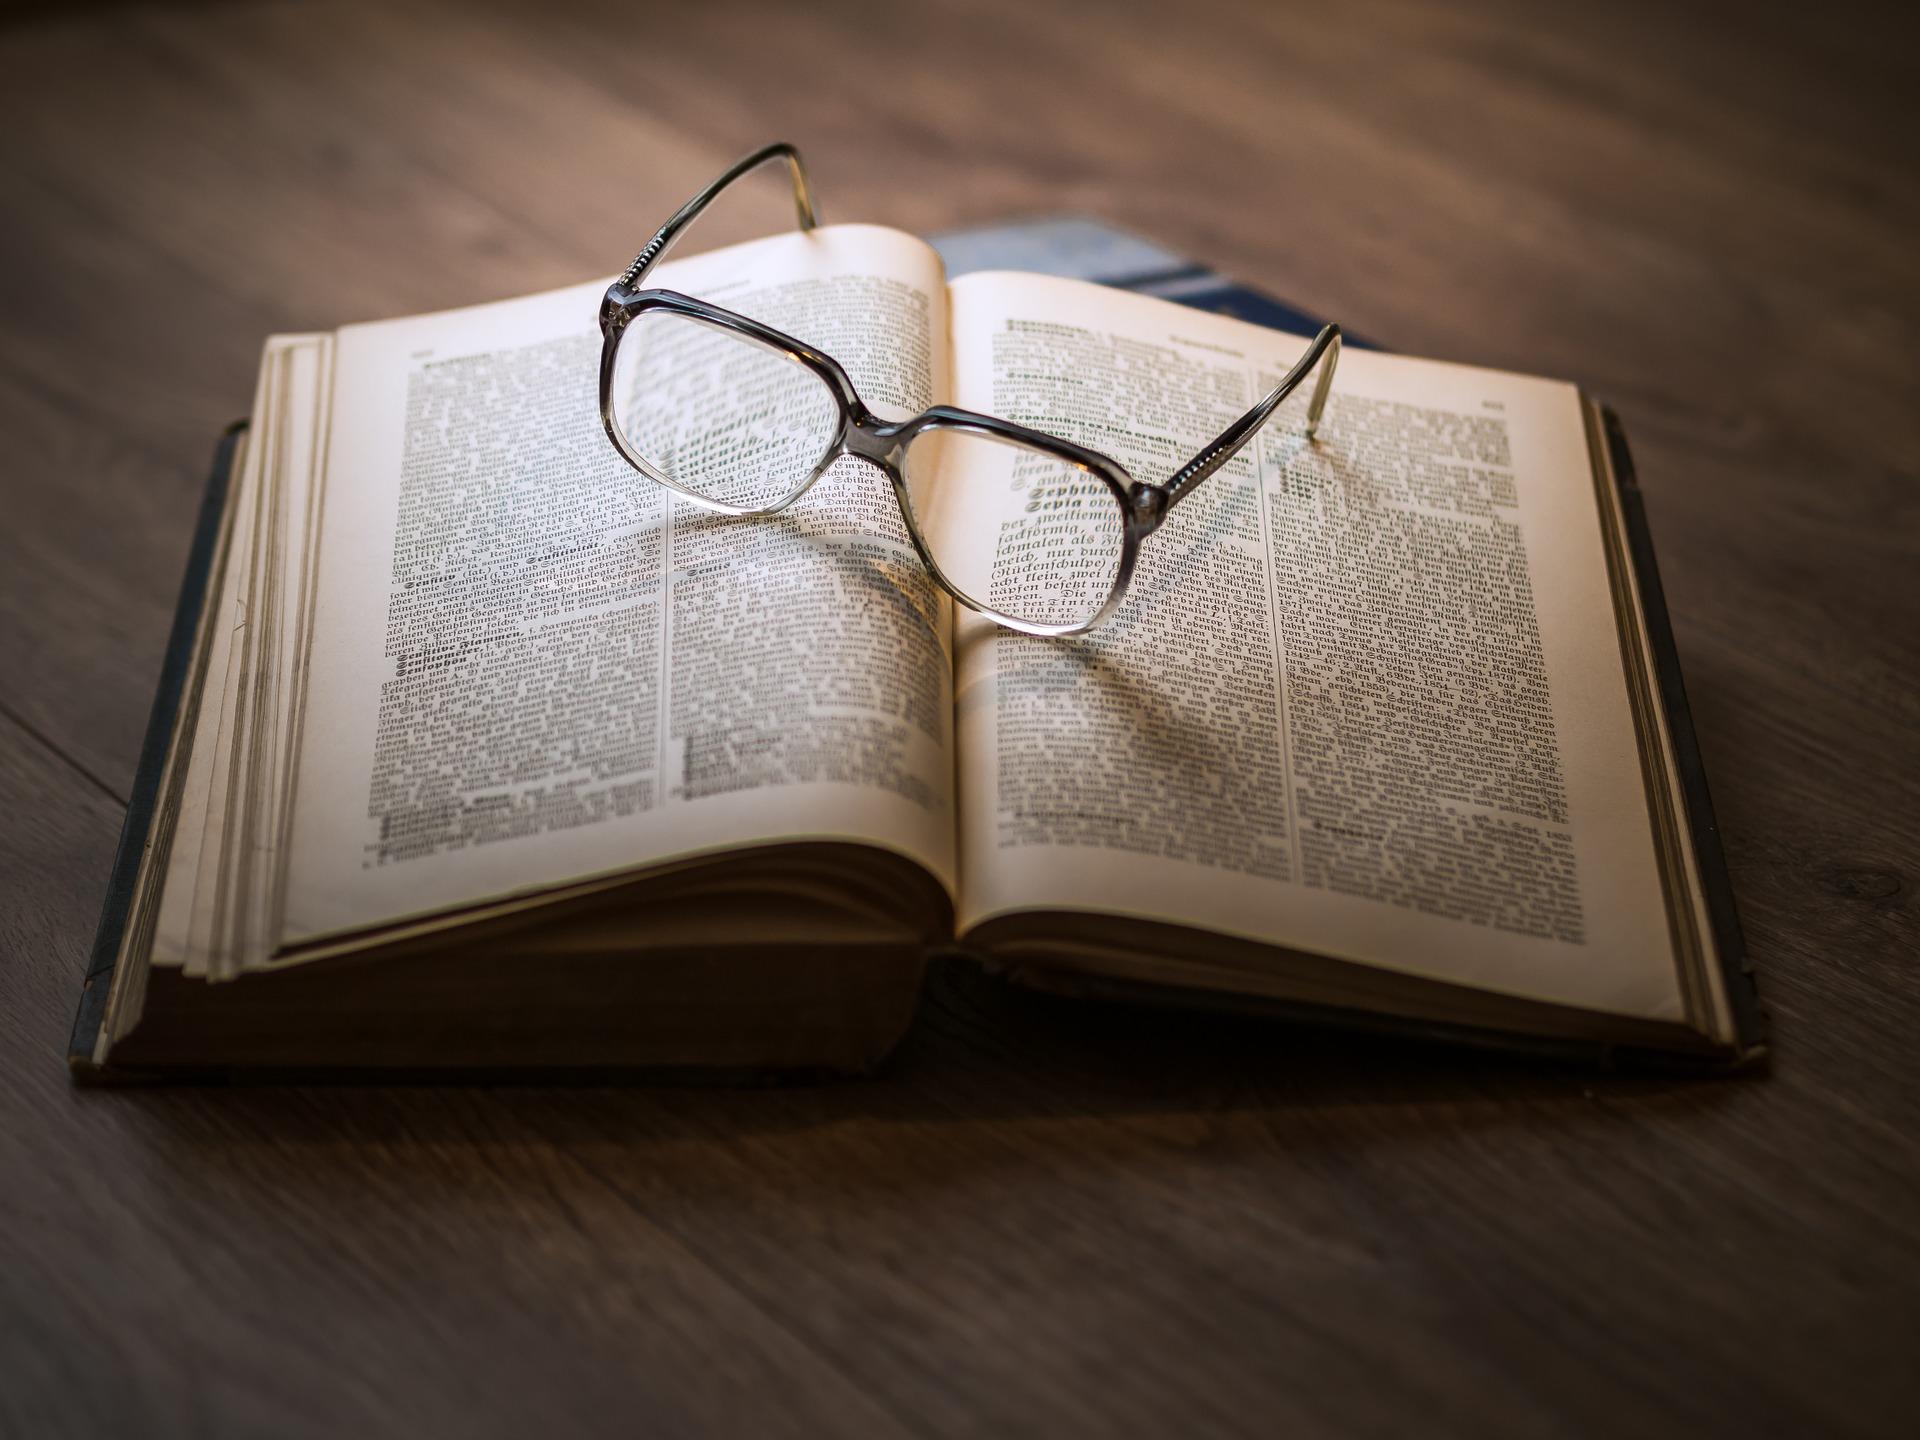 Co najchętniej czytają Polacy?